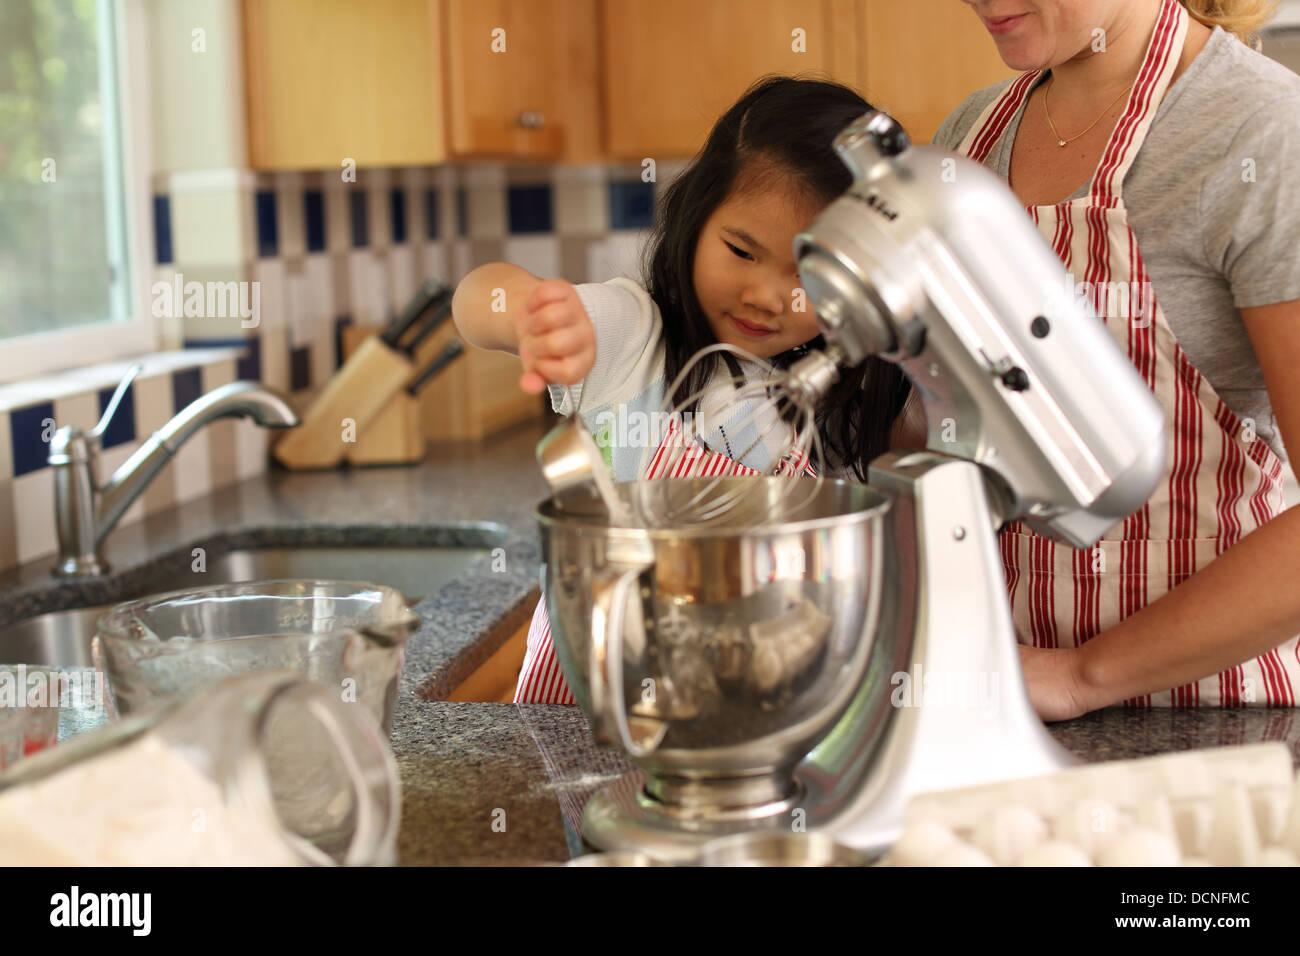 Ragazza giovane aiutando la madre cuocere in cucina Immagini Stock